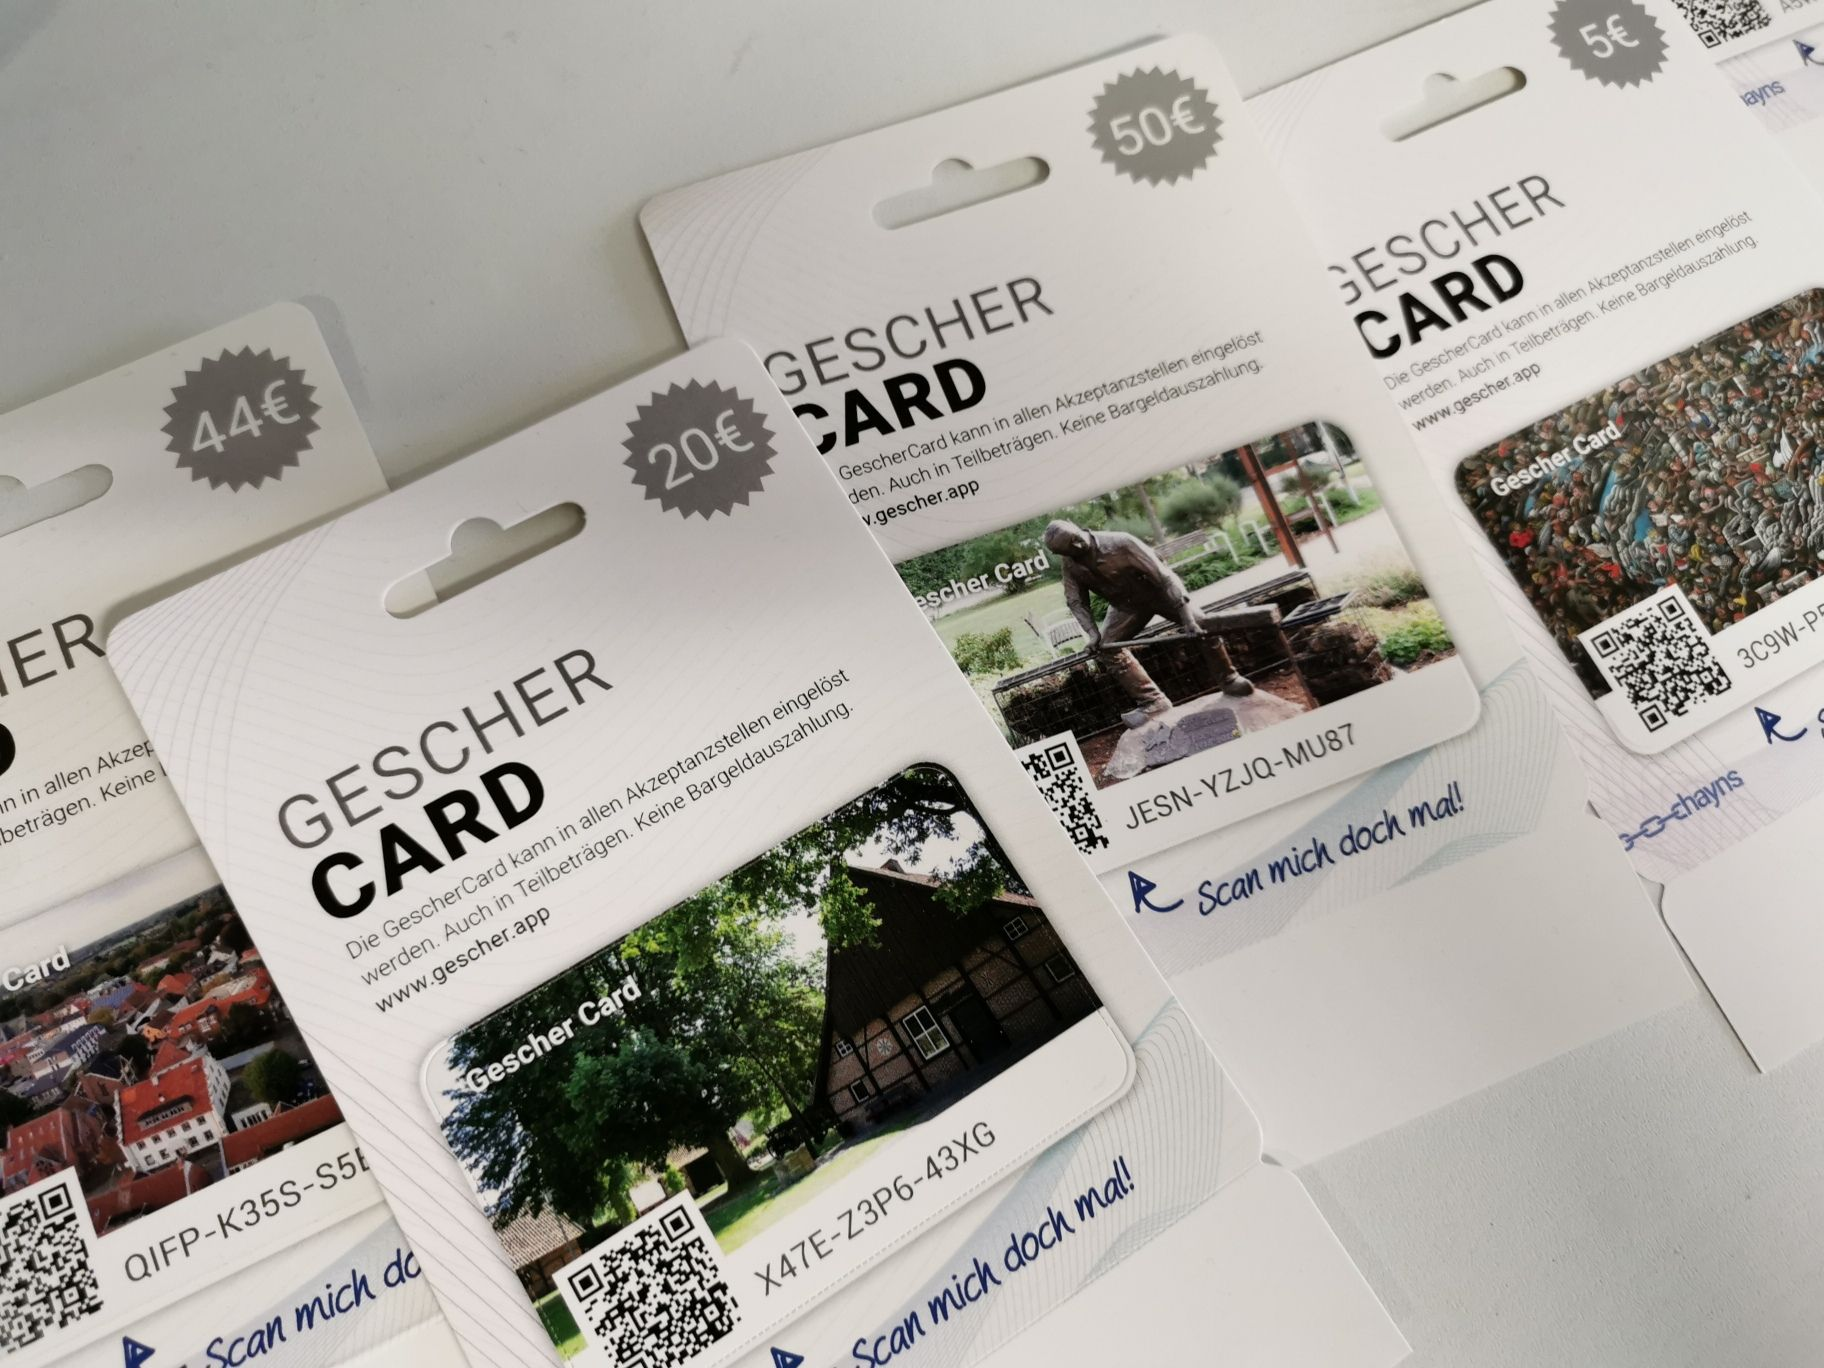 GescherCard - Gescher Card   Gescher.app